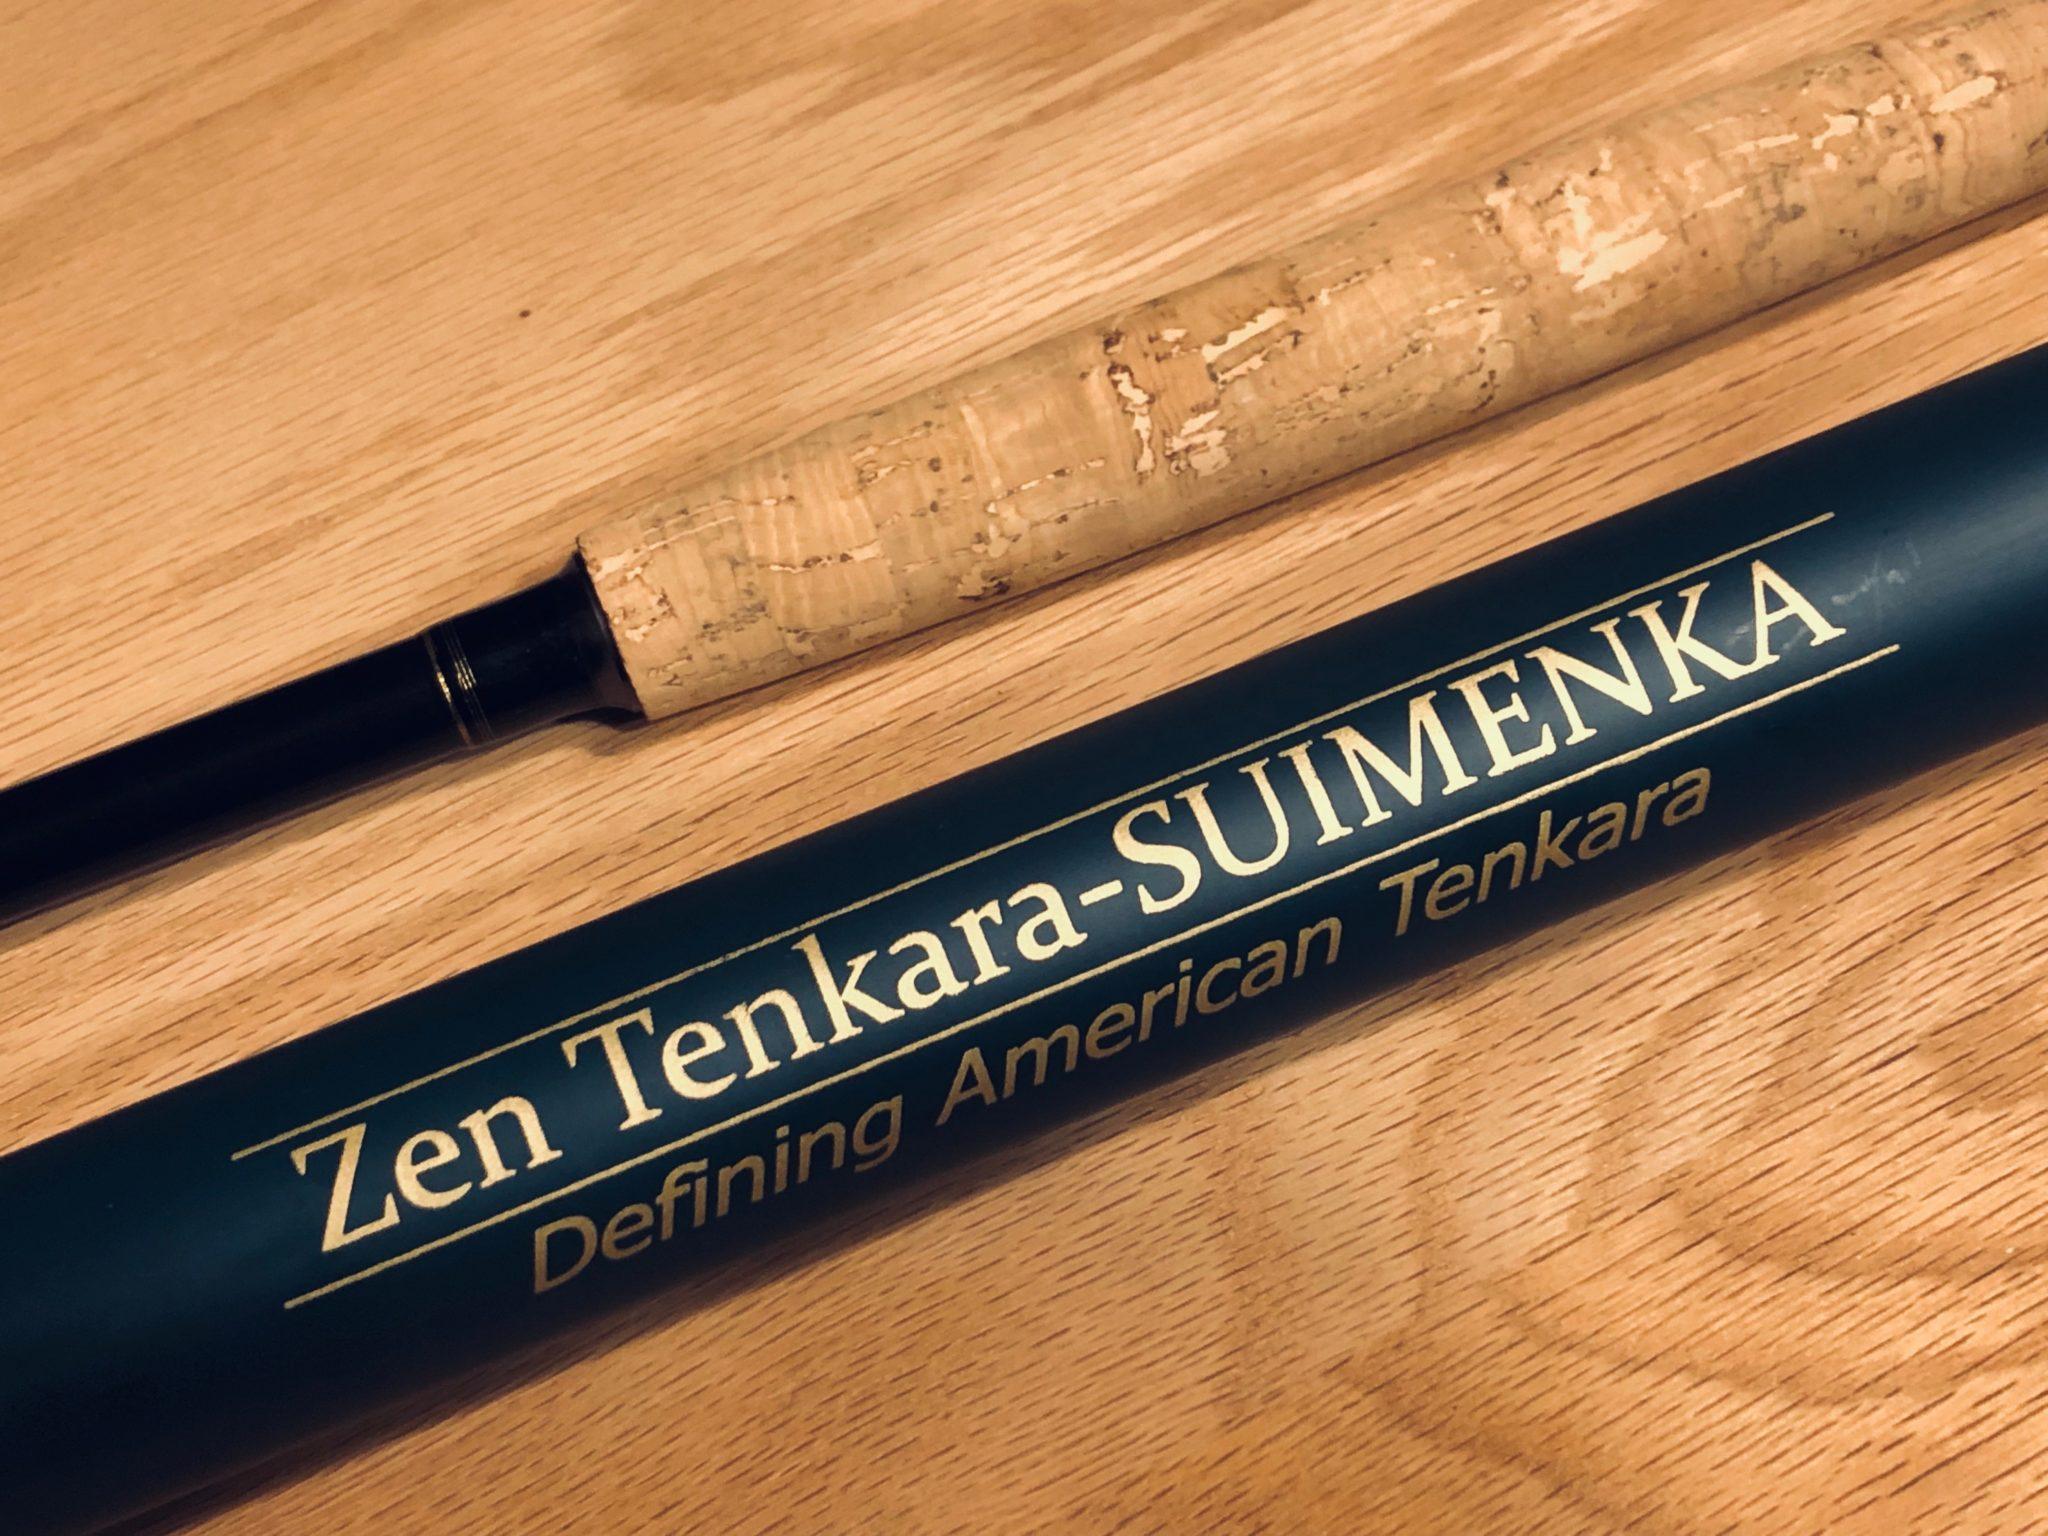 Zen Tenkara Suimenka Case